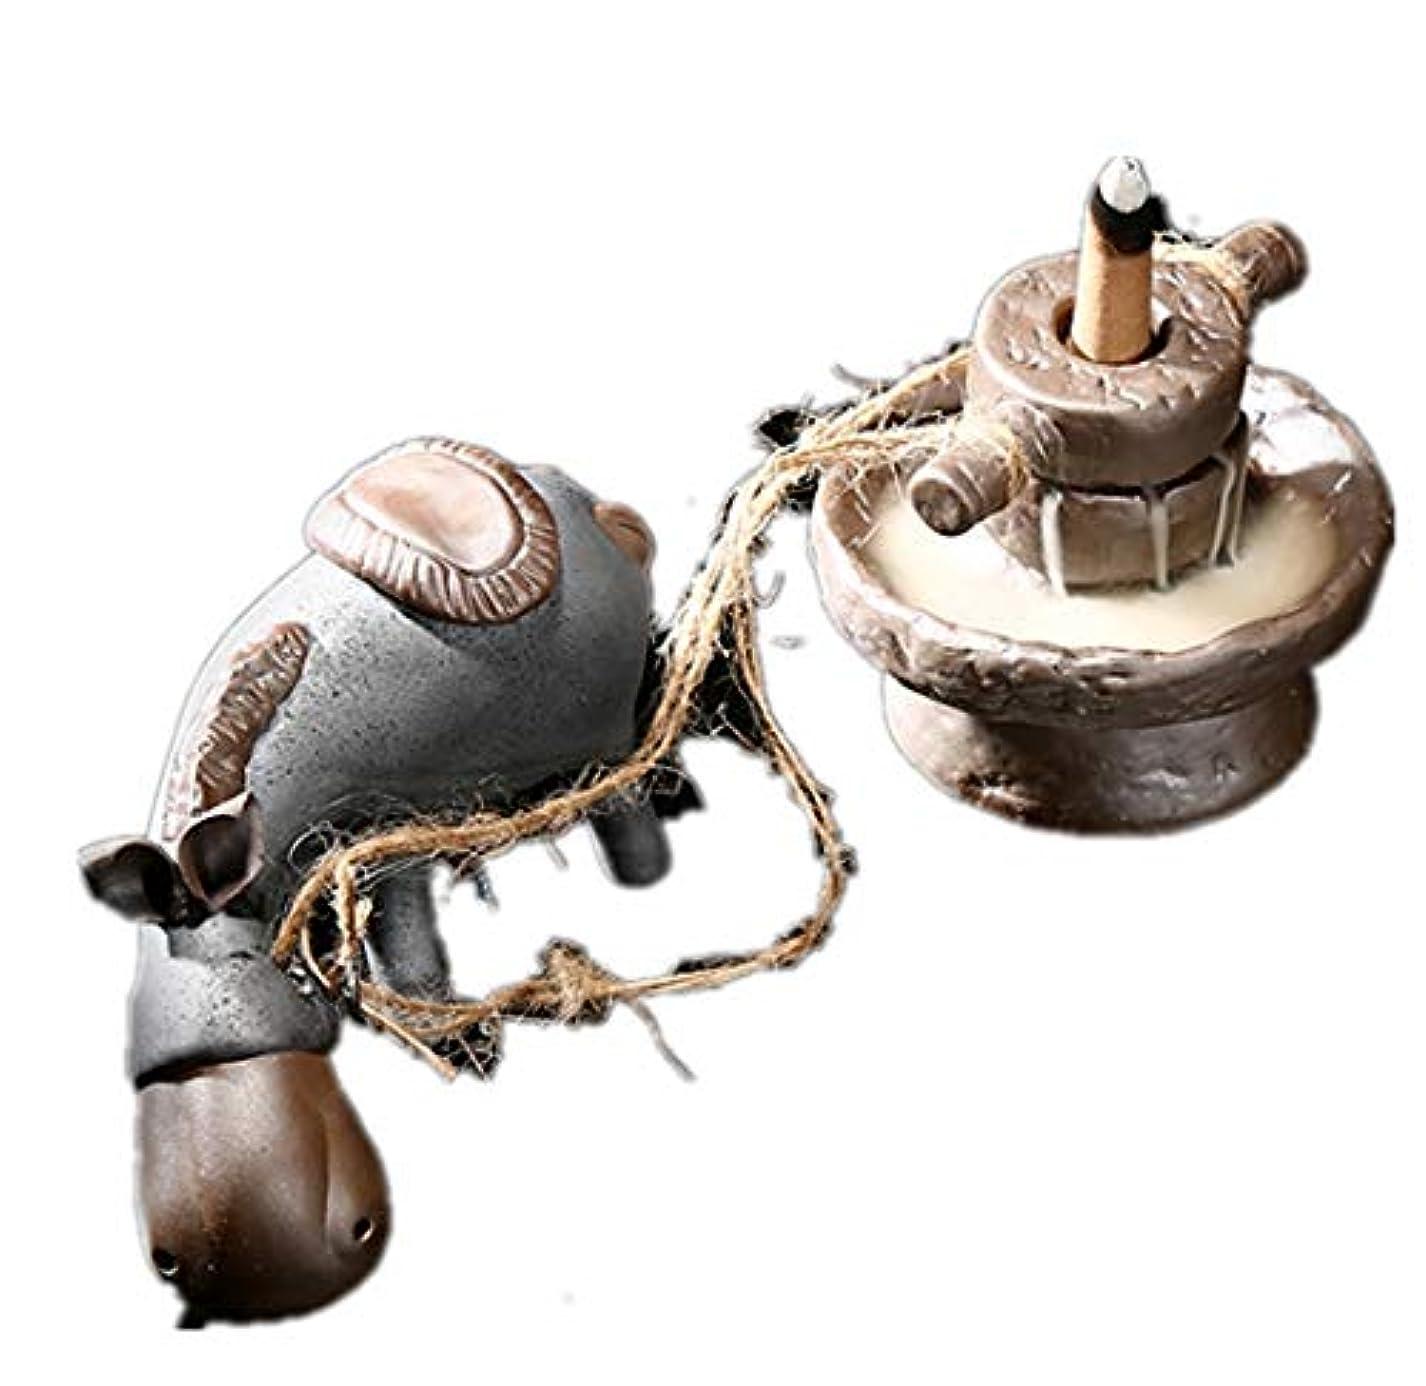 クーポン彼することになっているXPPXPP Reflux Incense Burner, Ceramic Incense Burner, With 10pcs Reflux Cone, Suitable For Home Decoration